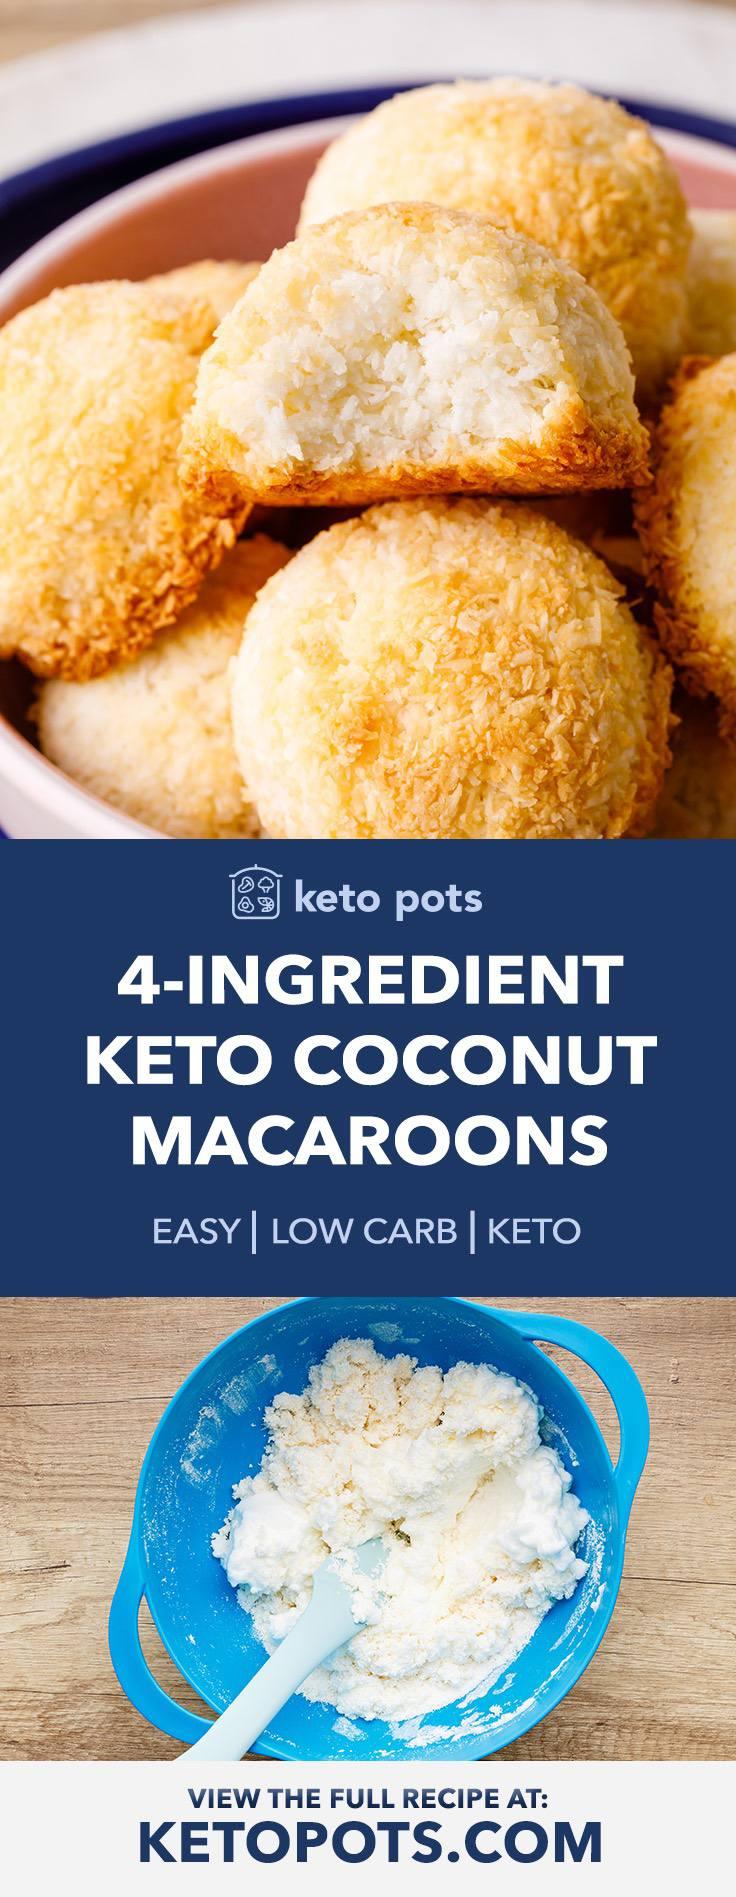 4-Ingredient Keto Macaroons